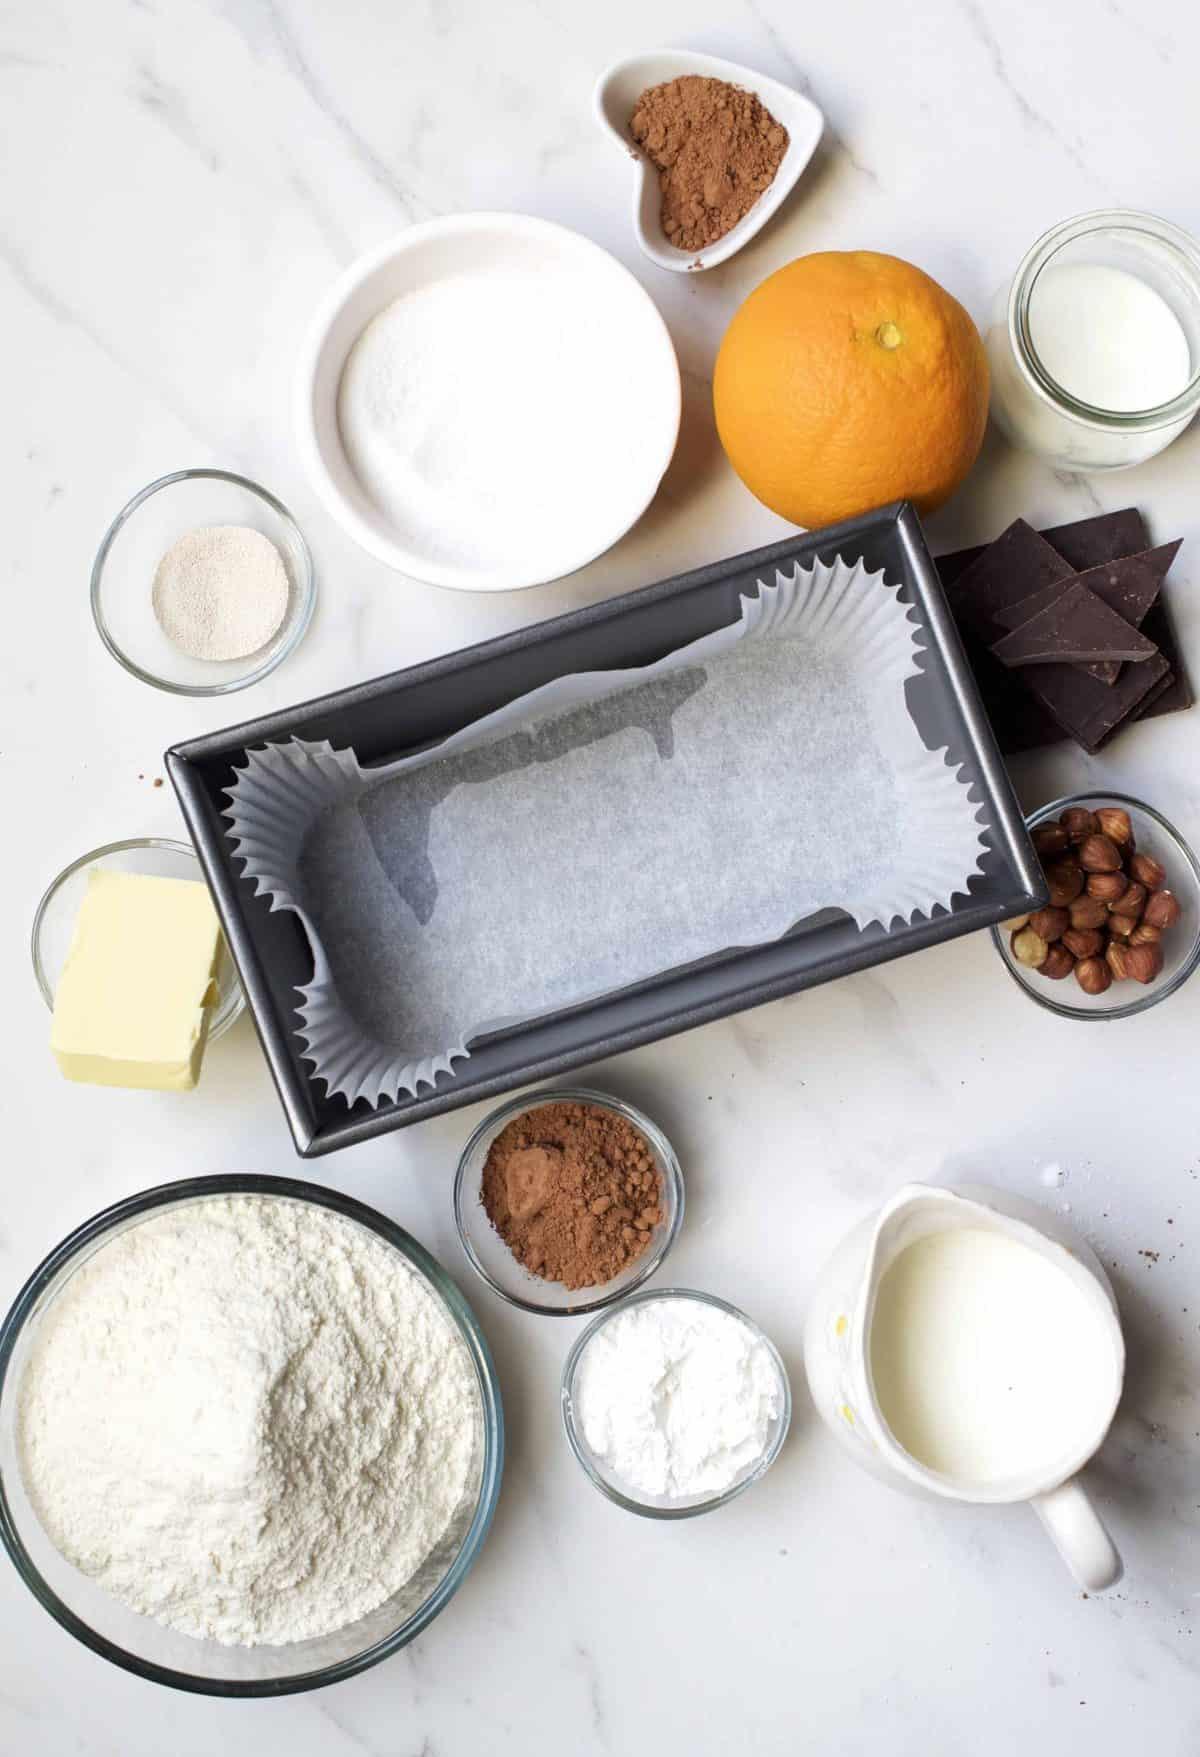 Ingredients for brioche cake